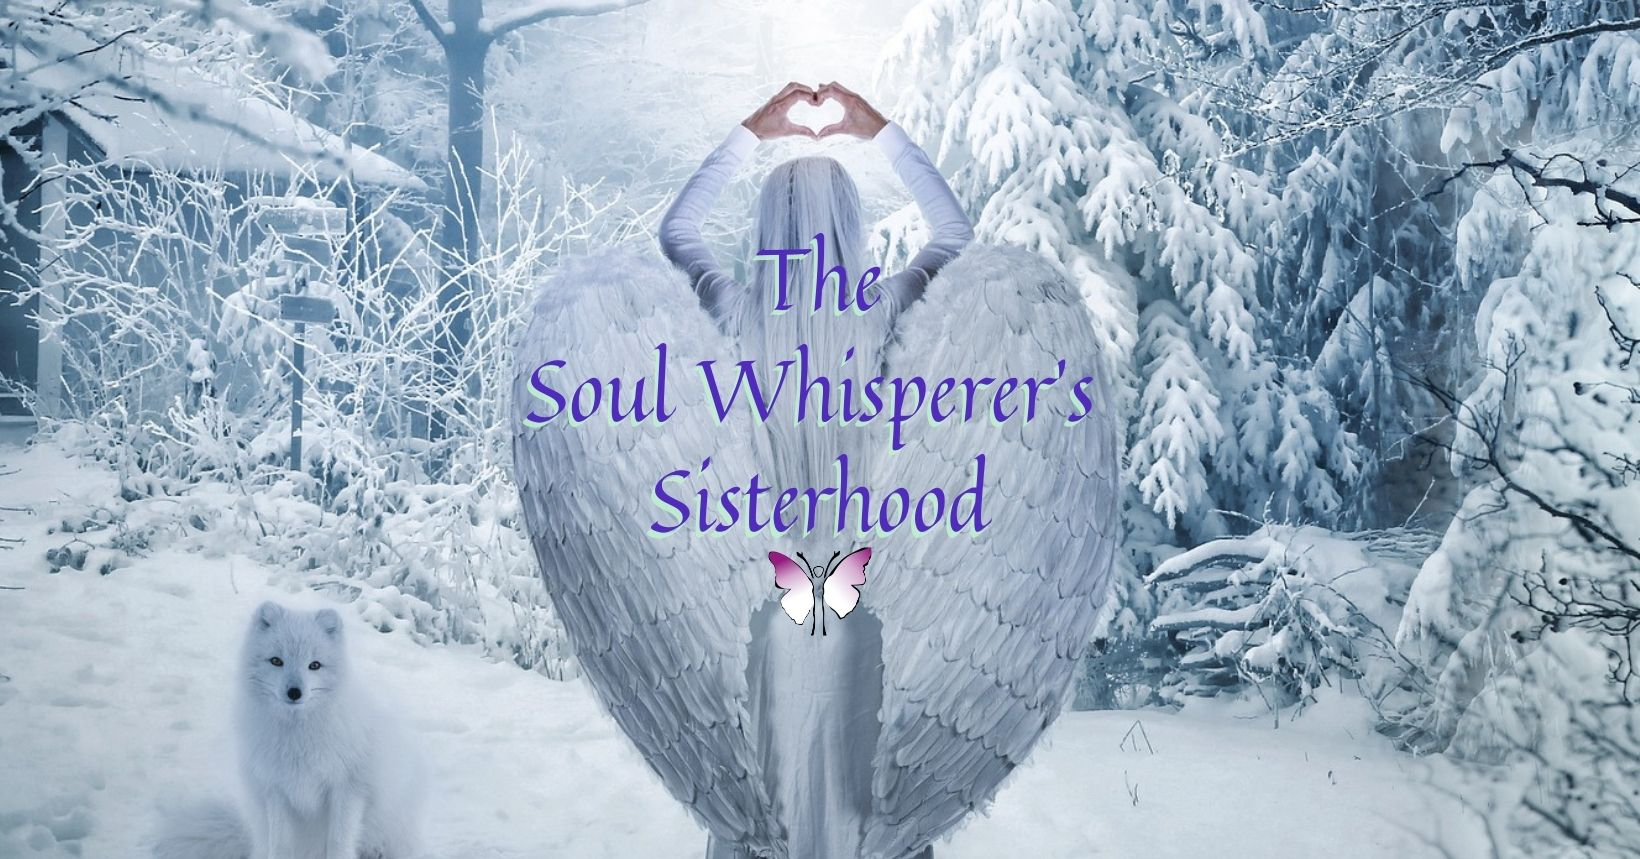 The Soul Whisperer's Sisterhood Manifesto is waiting for you.